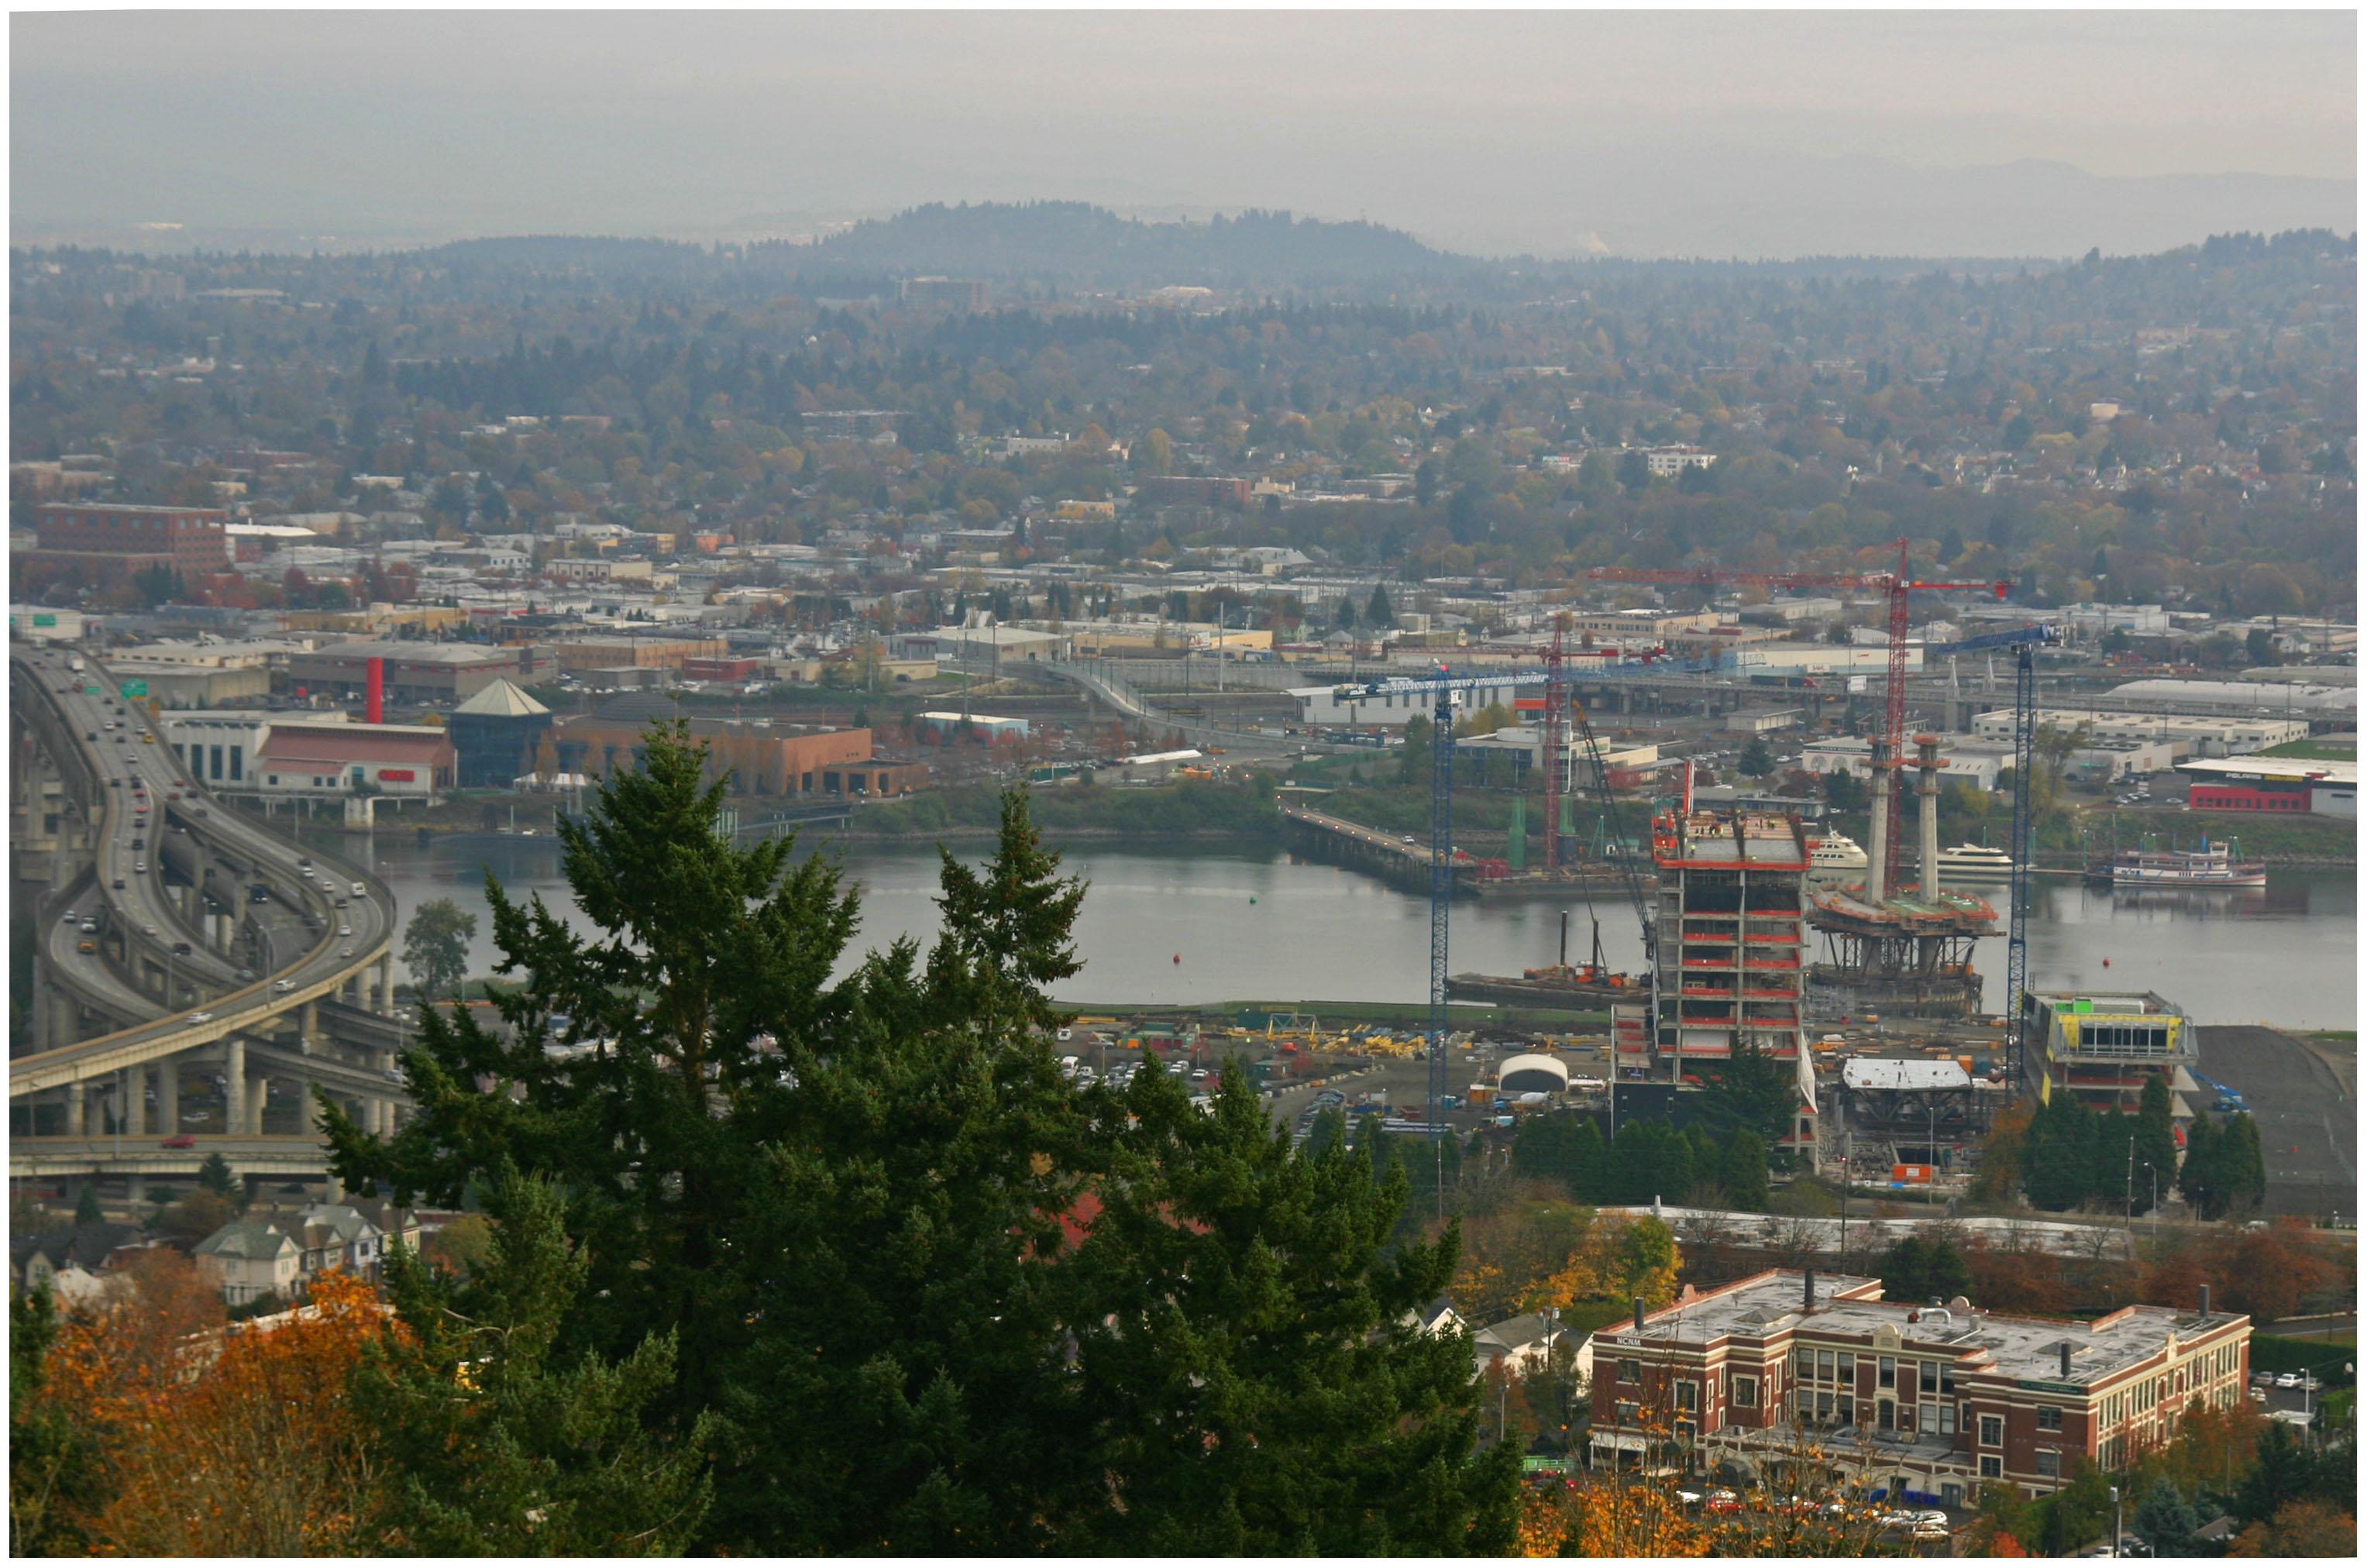 Portland-Milwaukie Light Rail Bridge